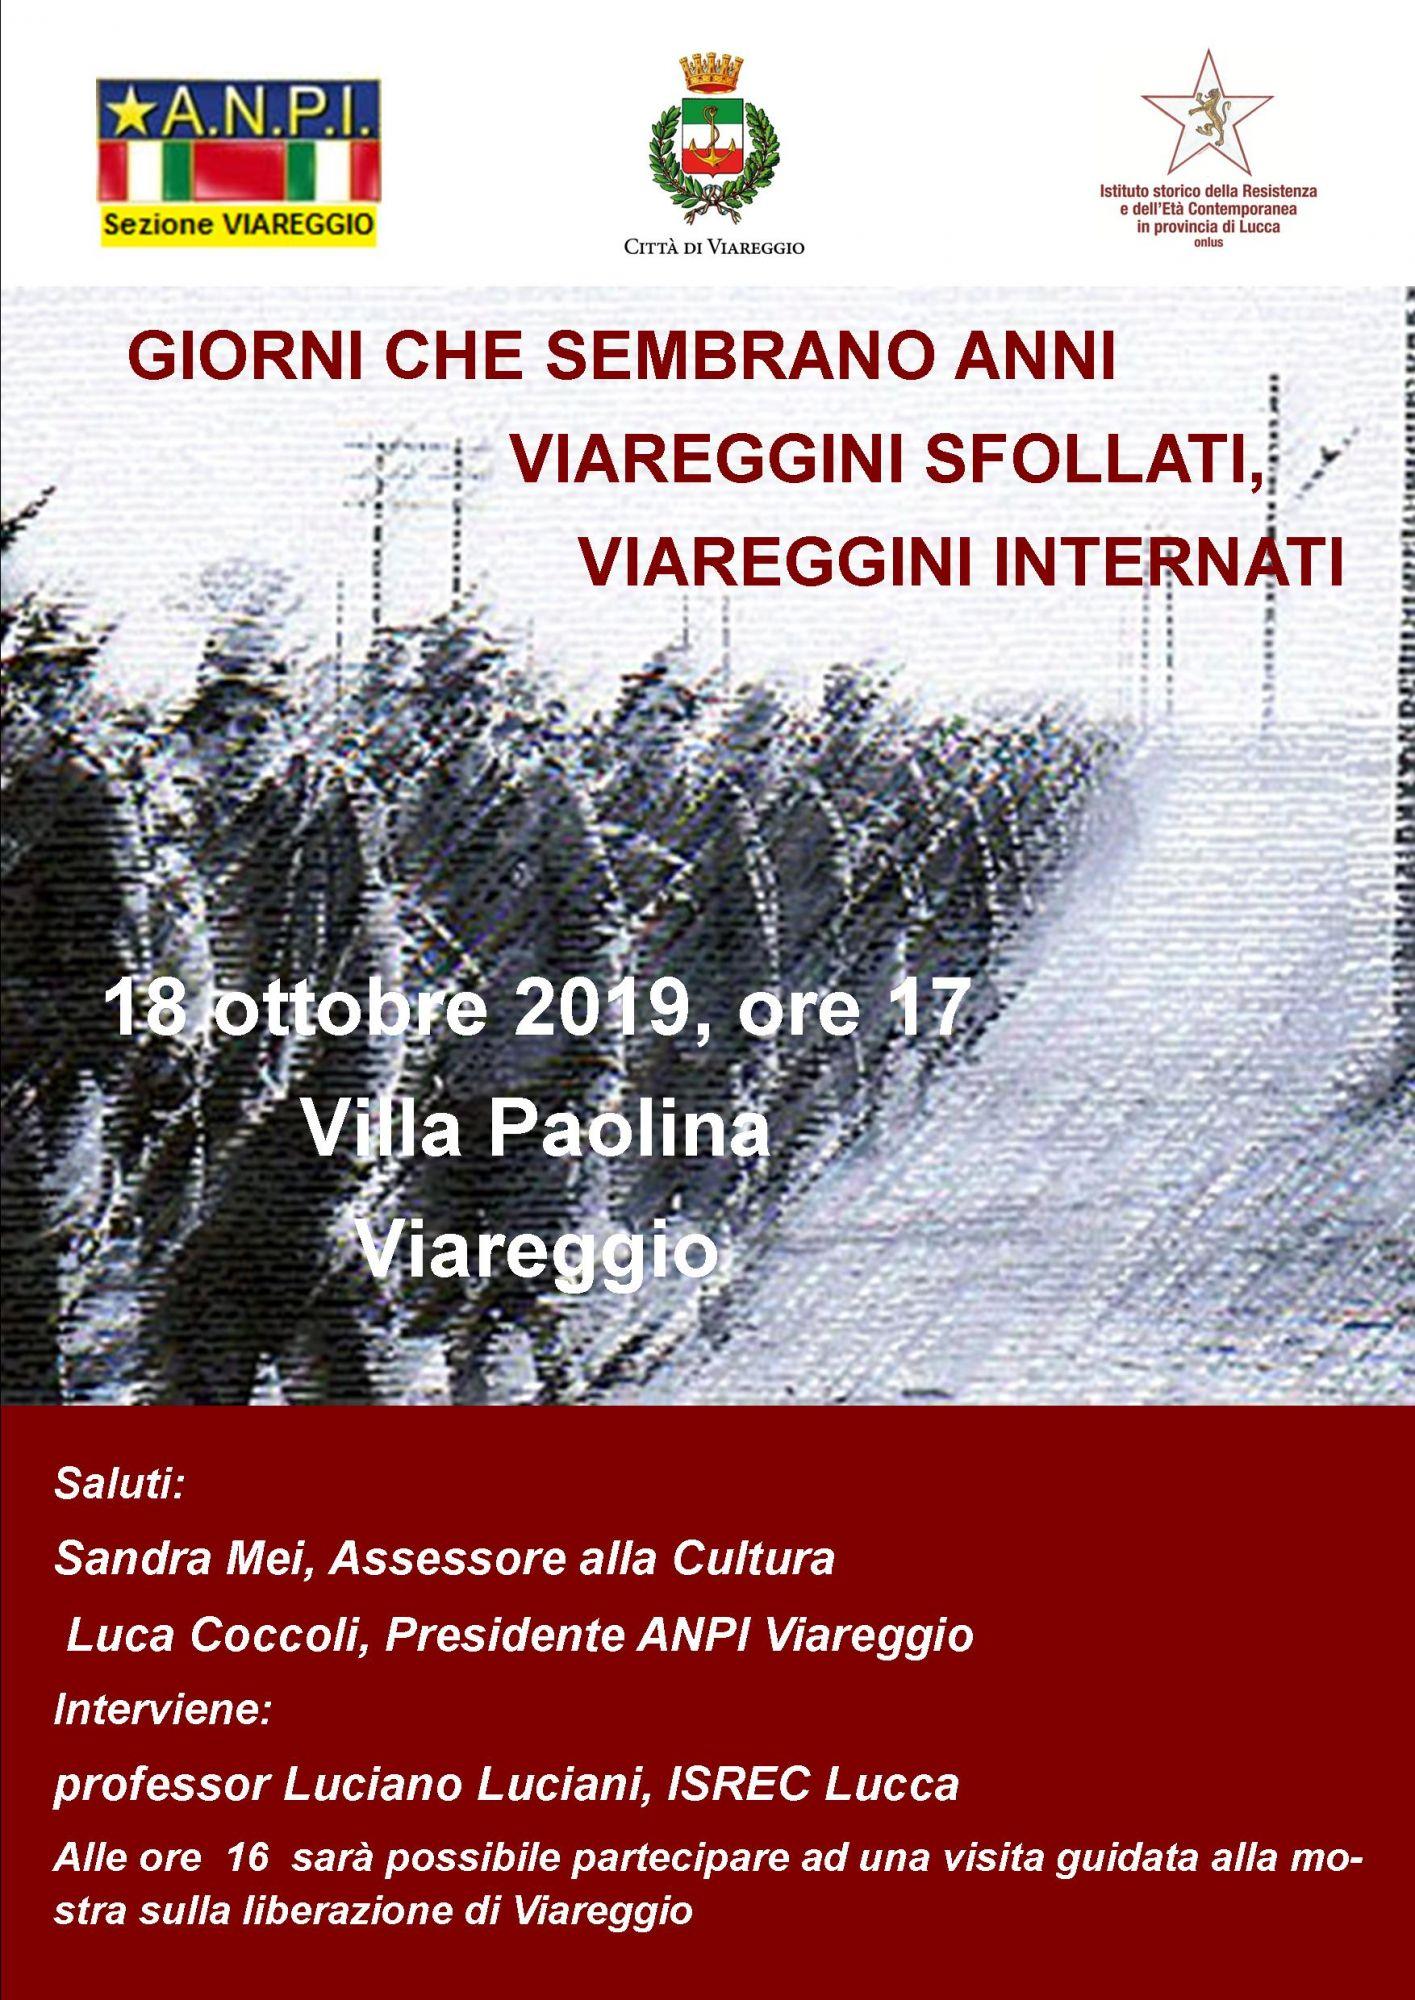 Liberazione, iniziative dell'Anpi a Villa Paolina